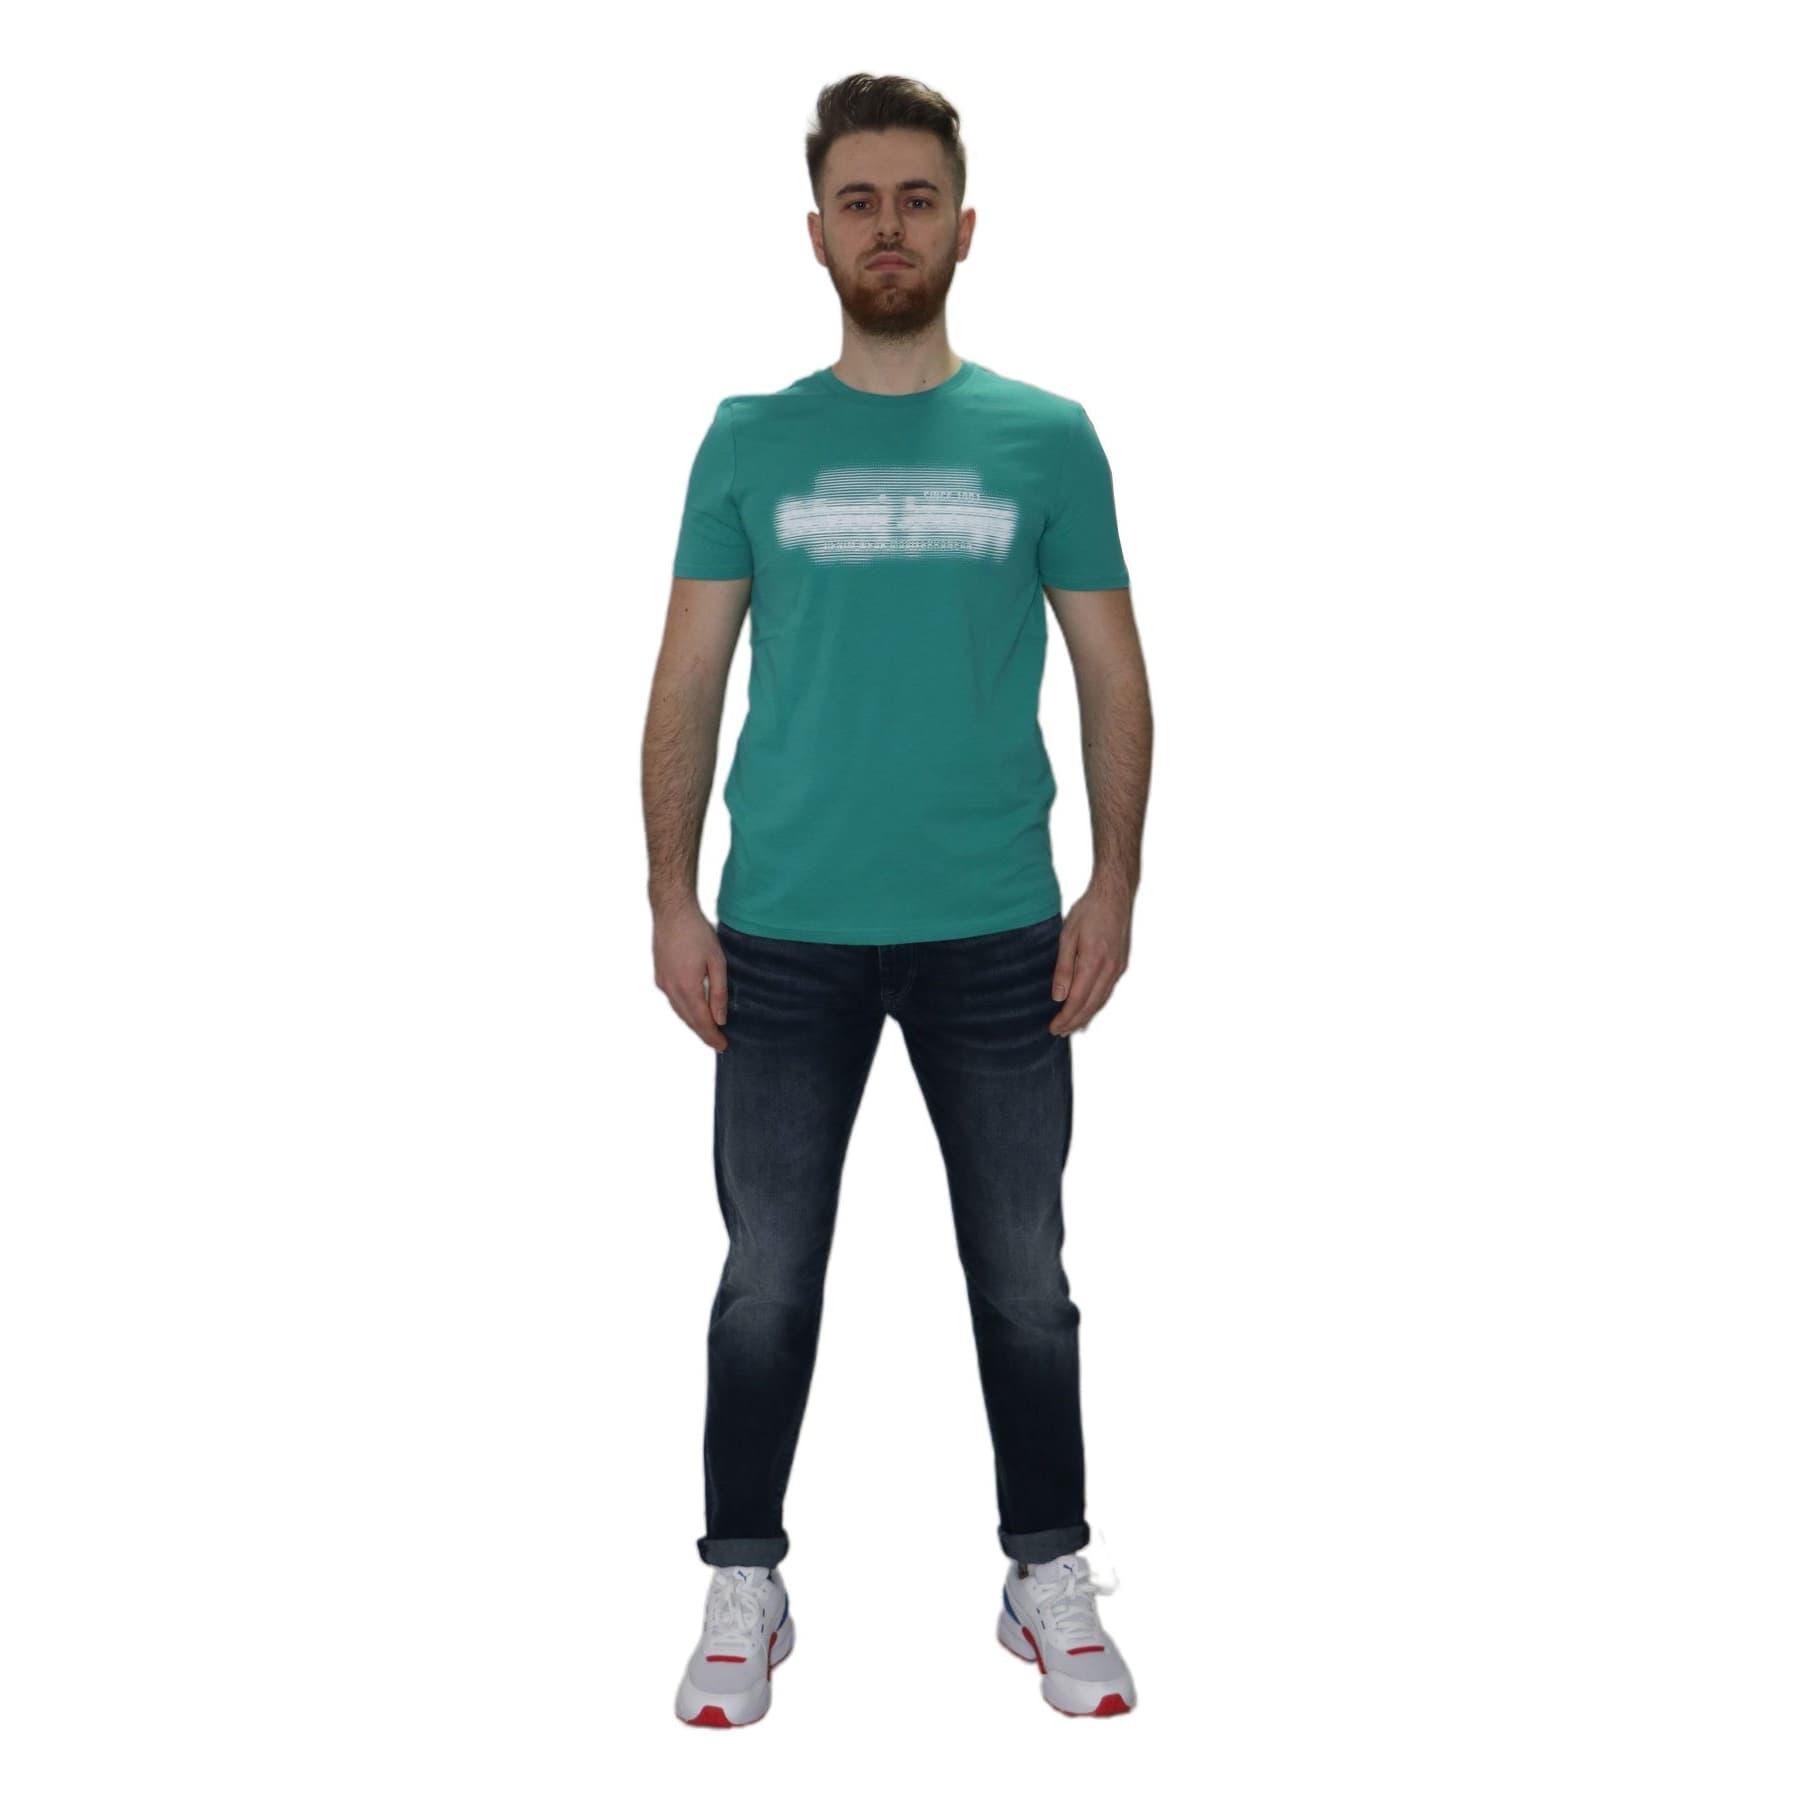 Mavi Jeans Baskılı Erkek Porselen Yeşili Tişört